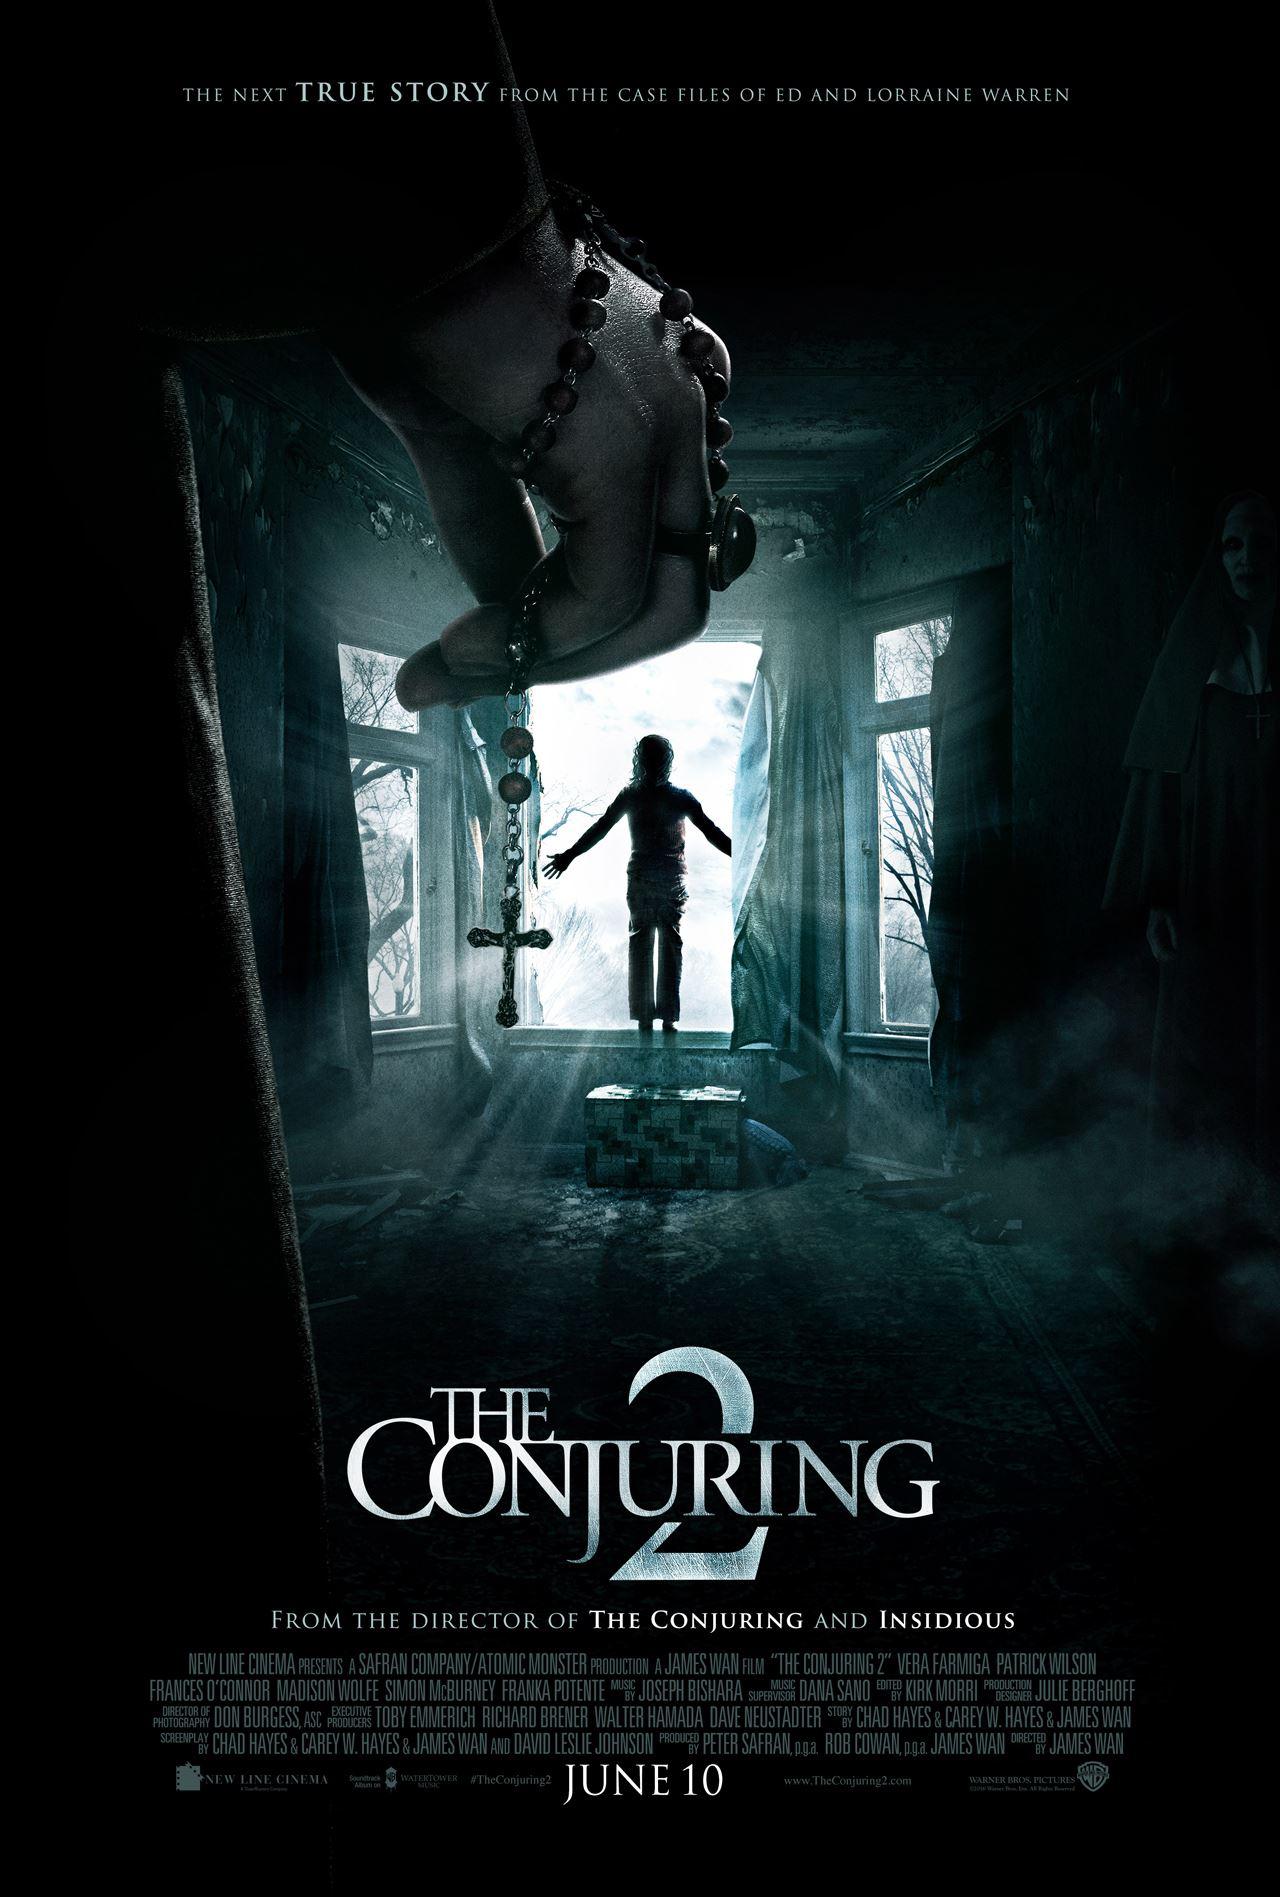 The Conjuring 2, Röda kvarn Edsbyn